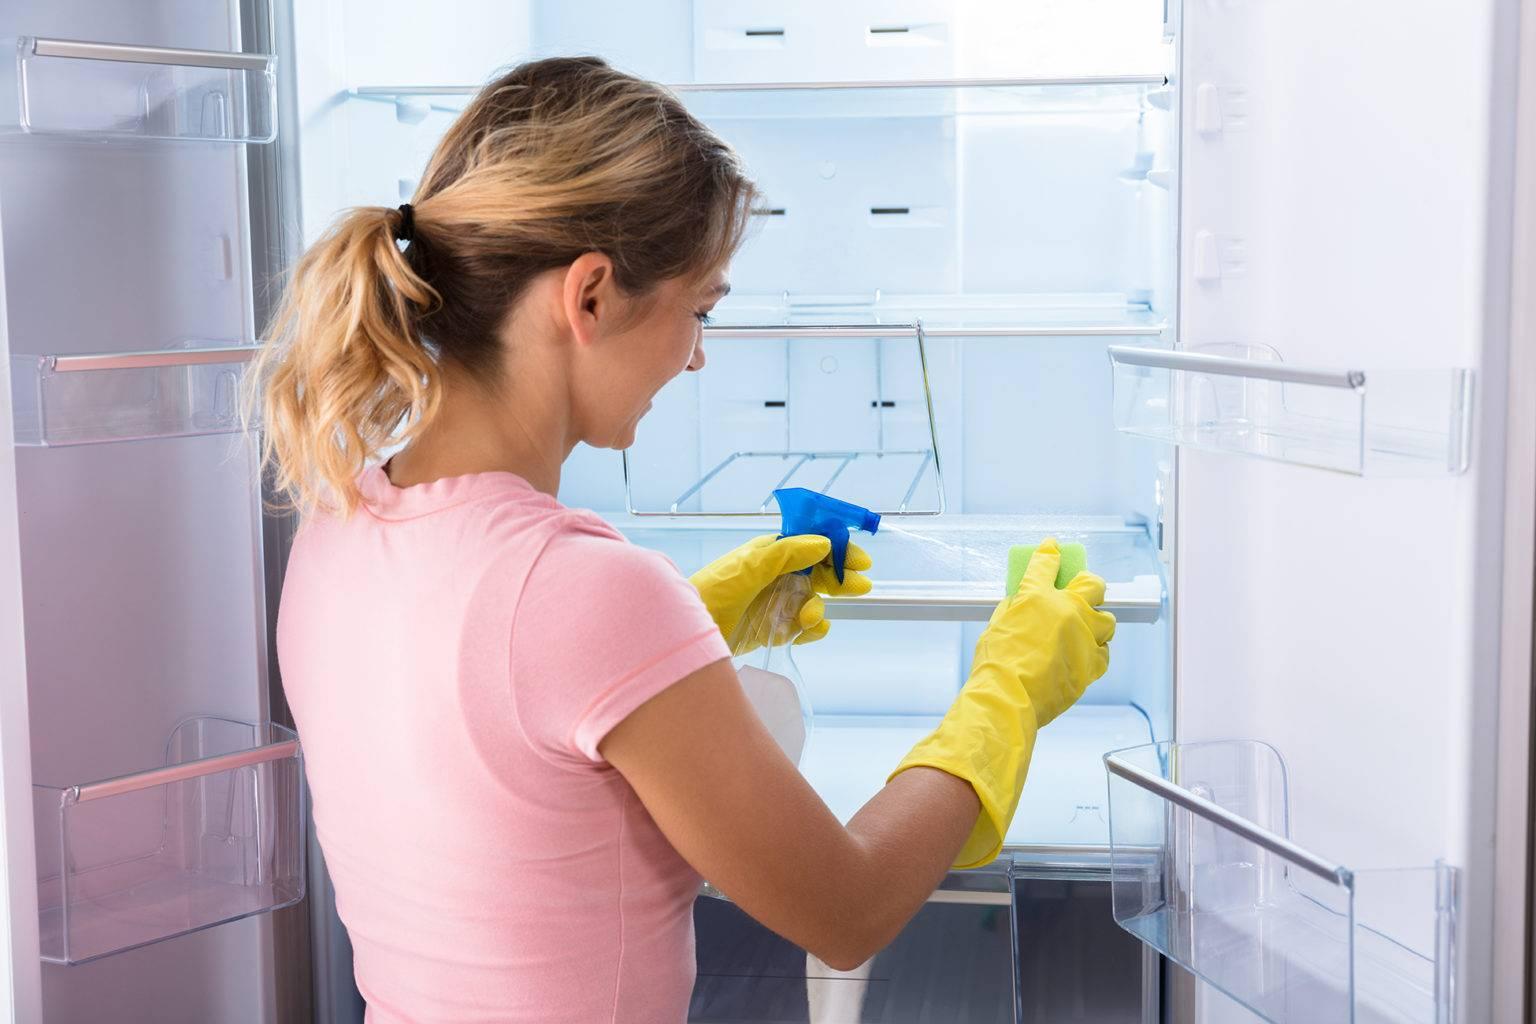 Какими средствами лучше помыть холодильник и как это сделать правильно?